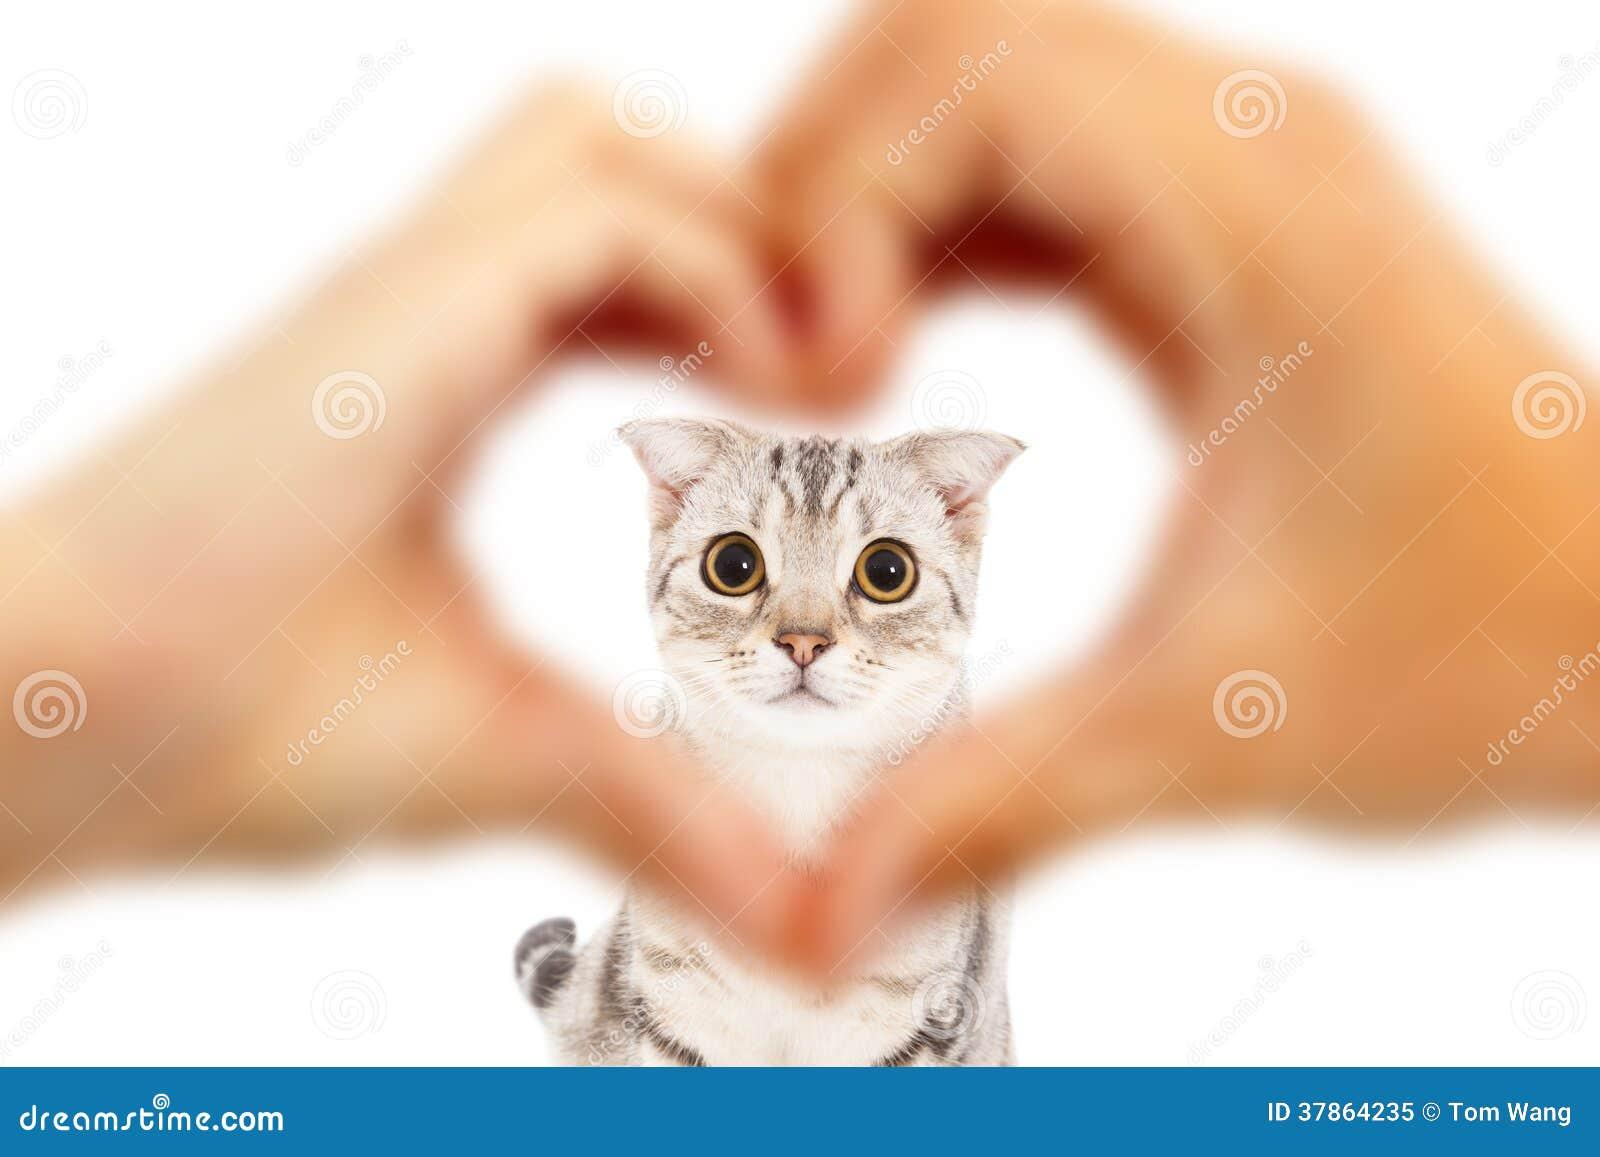 introduce kitten to older cat